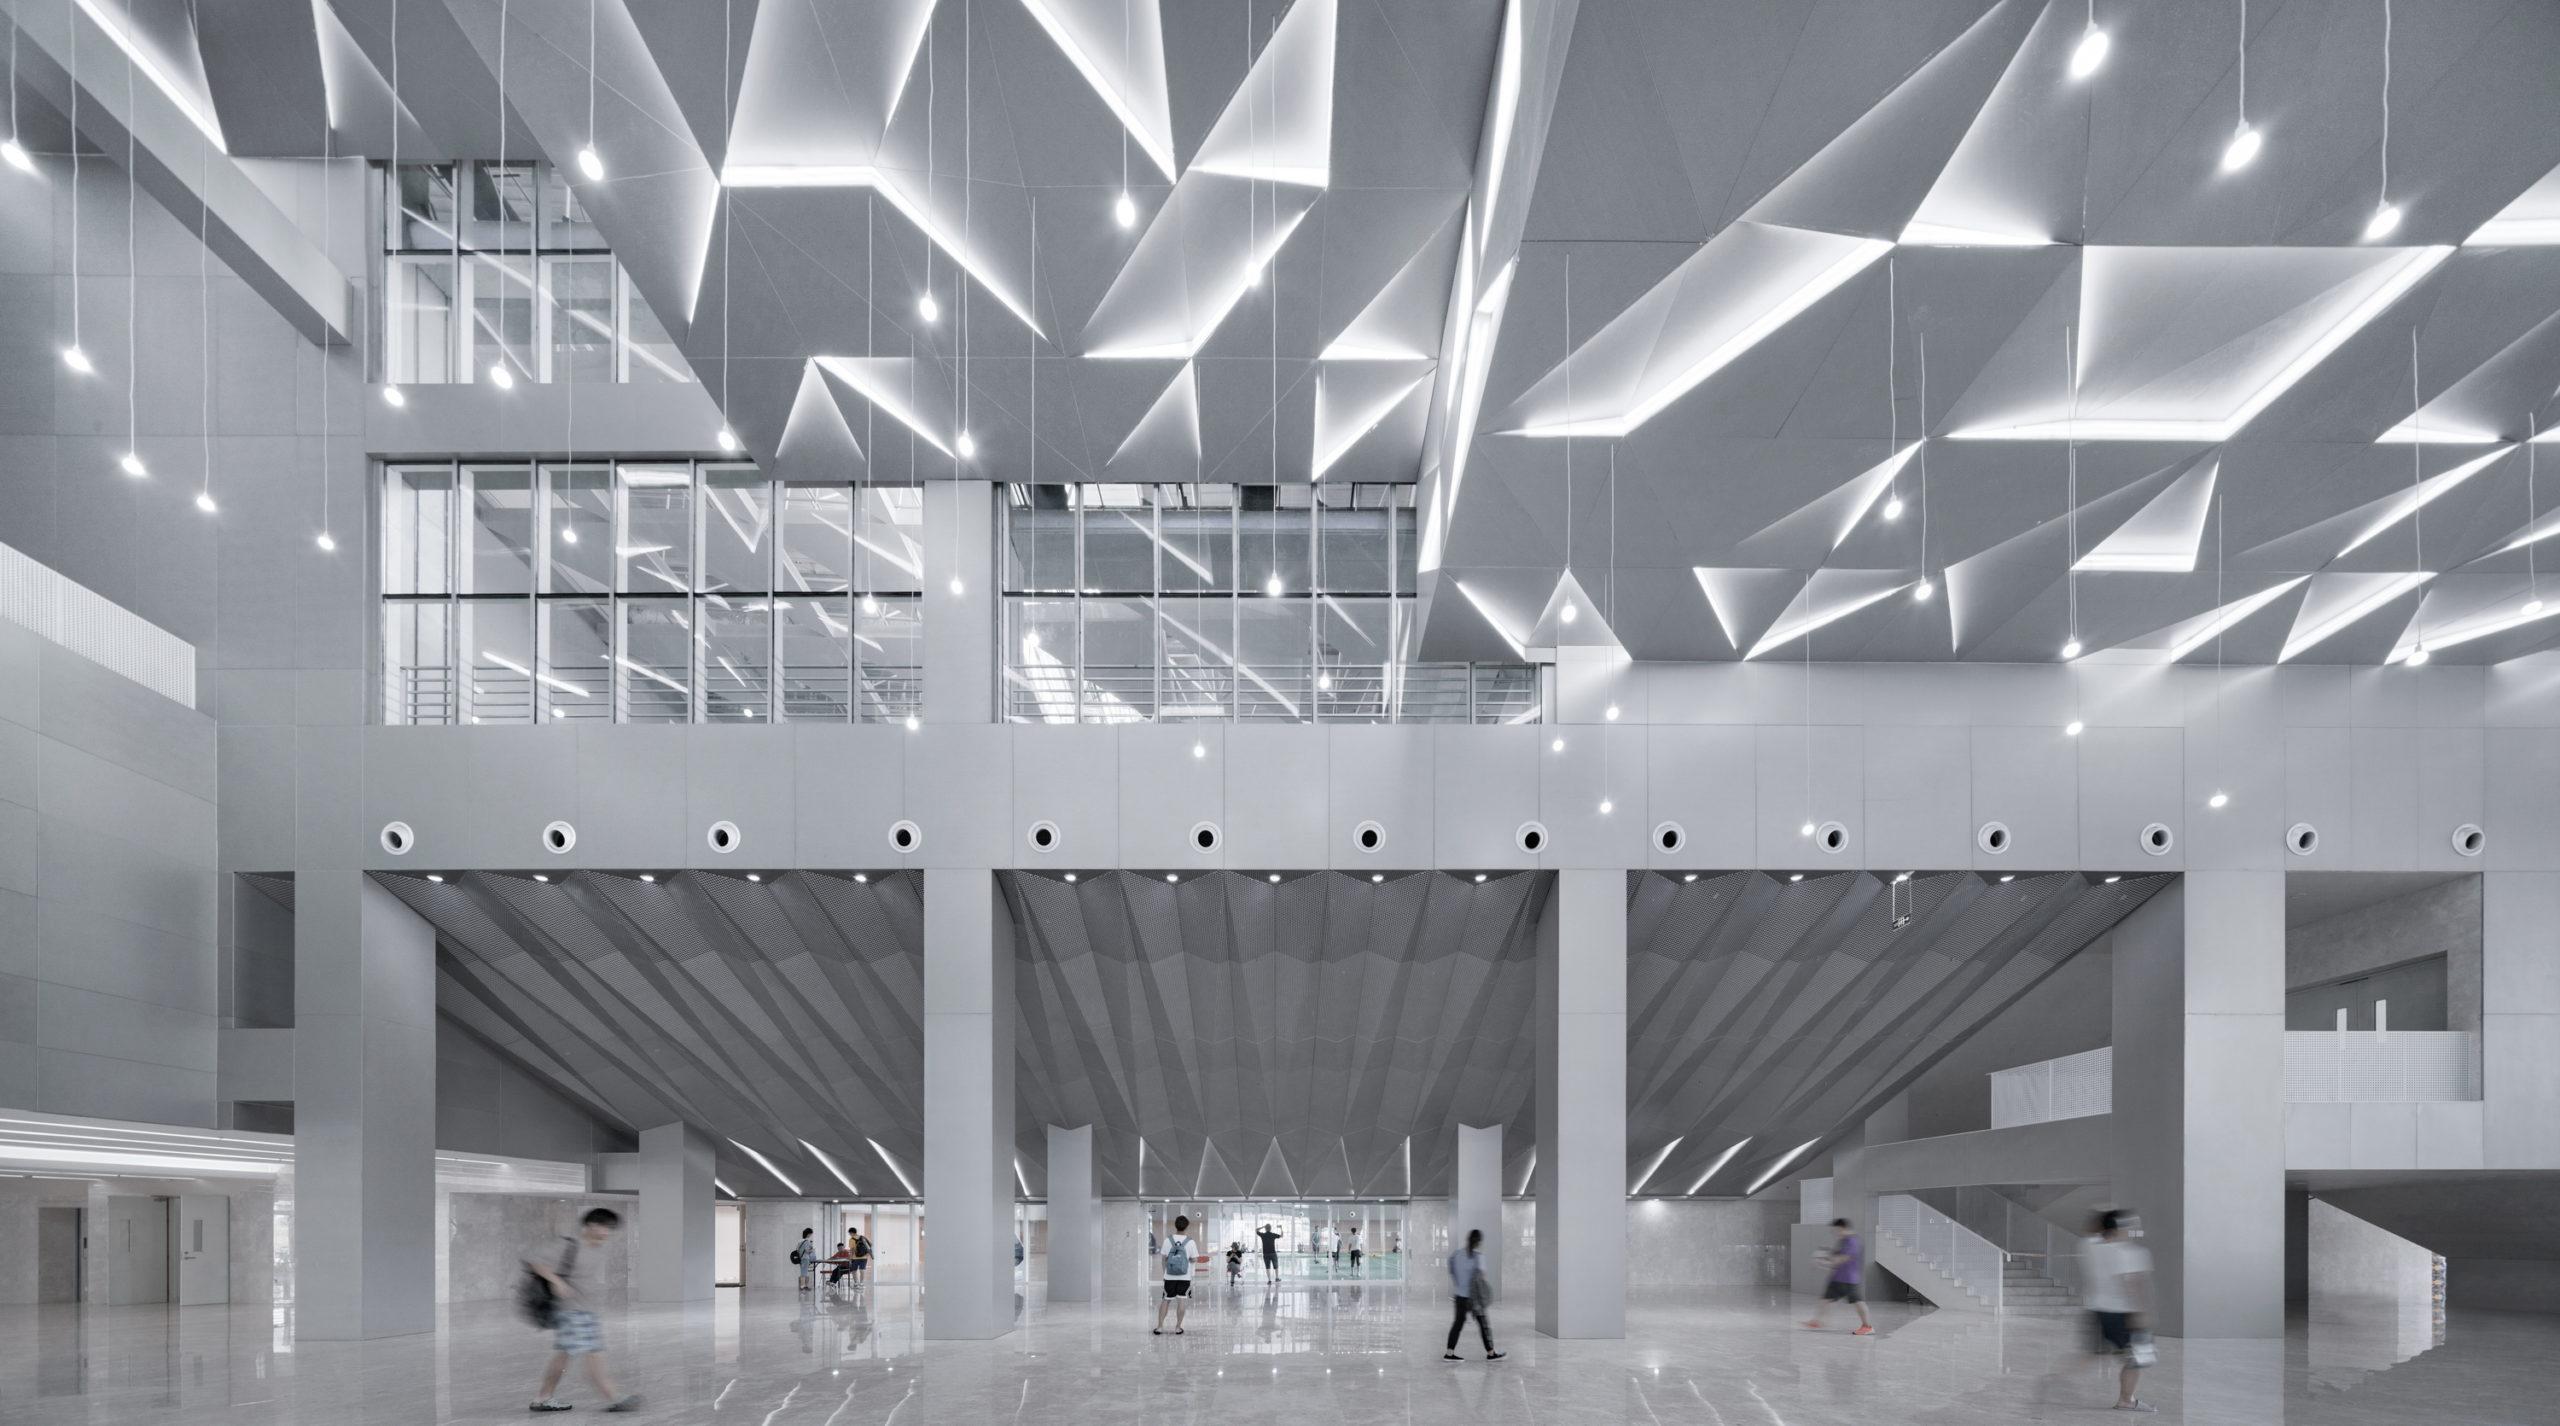 Stade emblématique BIT Sports Center par Atelier Alter Architects, Beijing, Chine